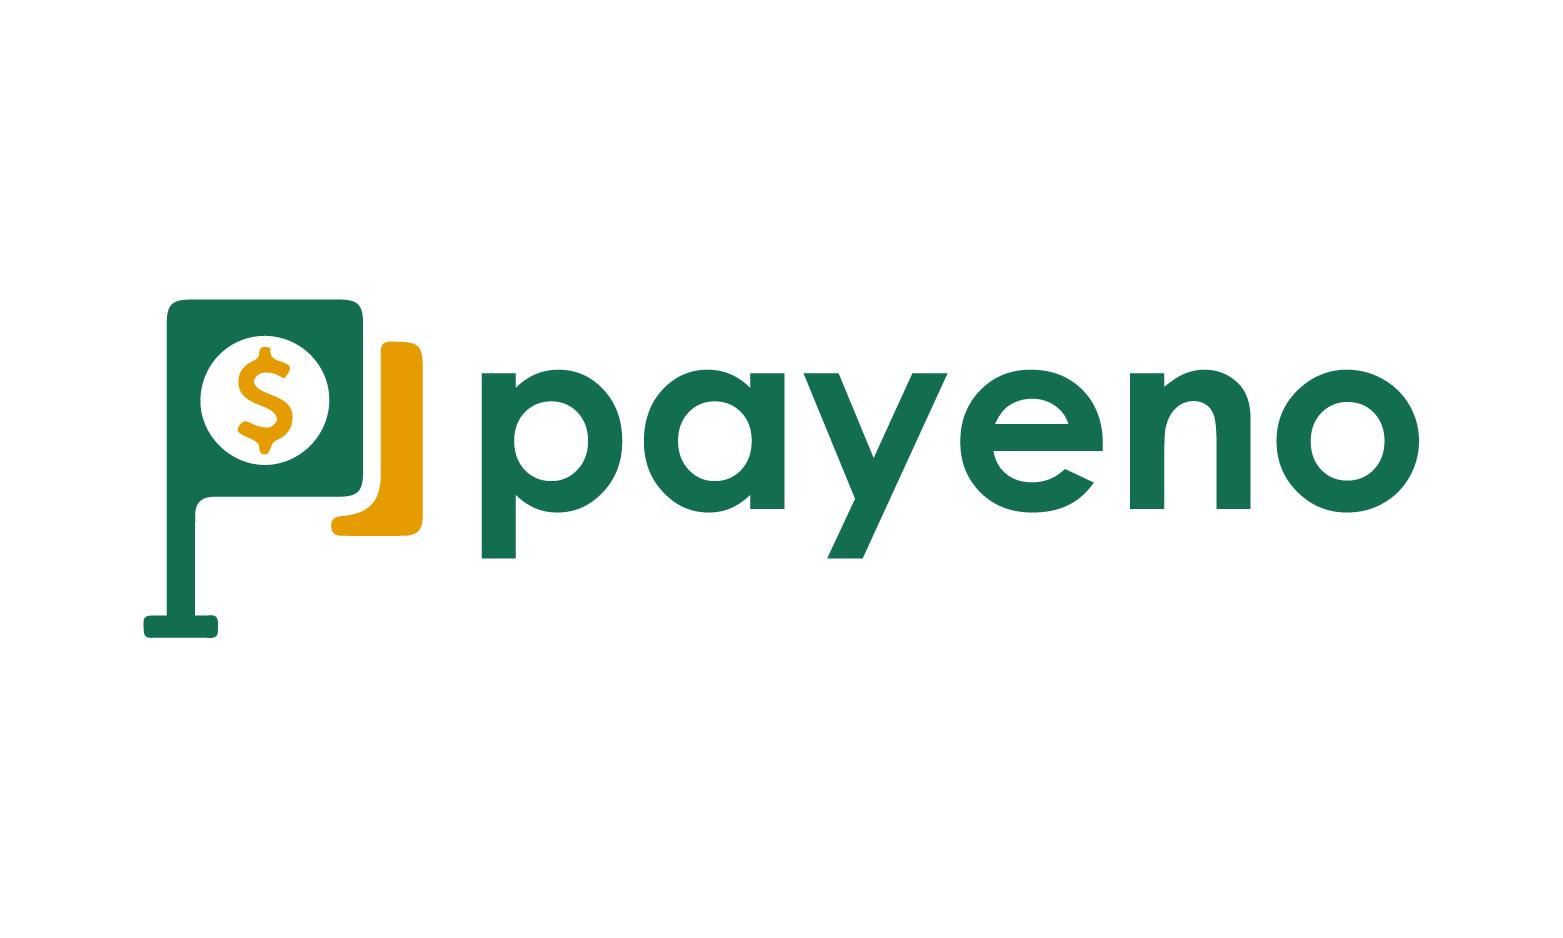 payeno.com